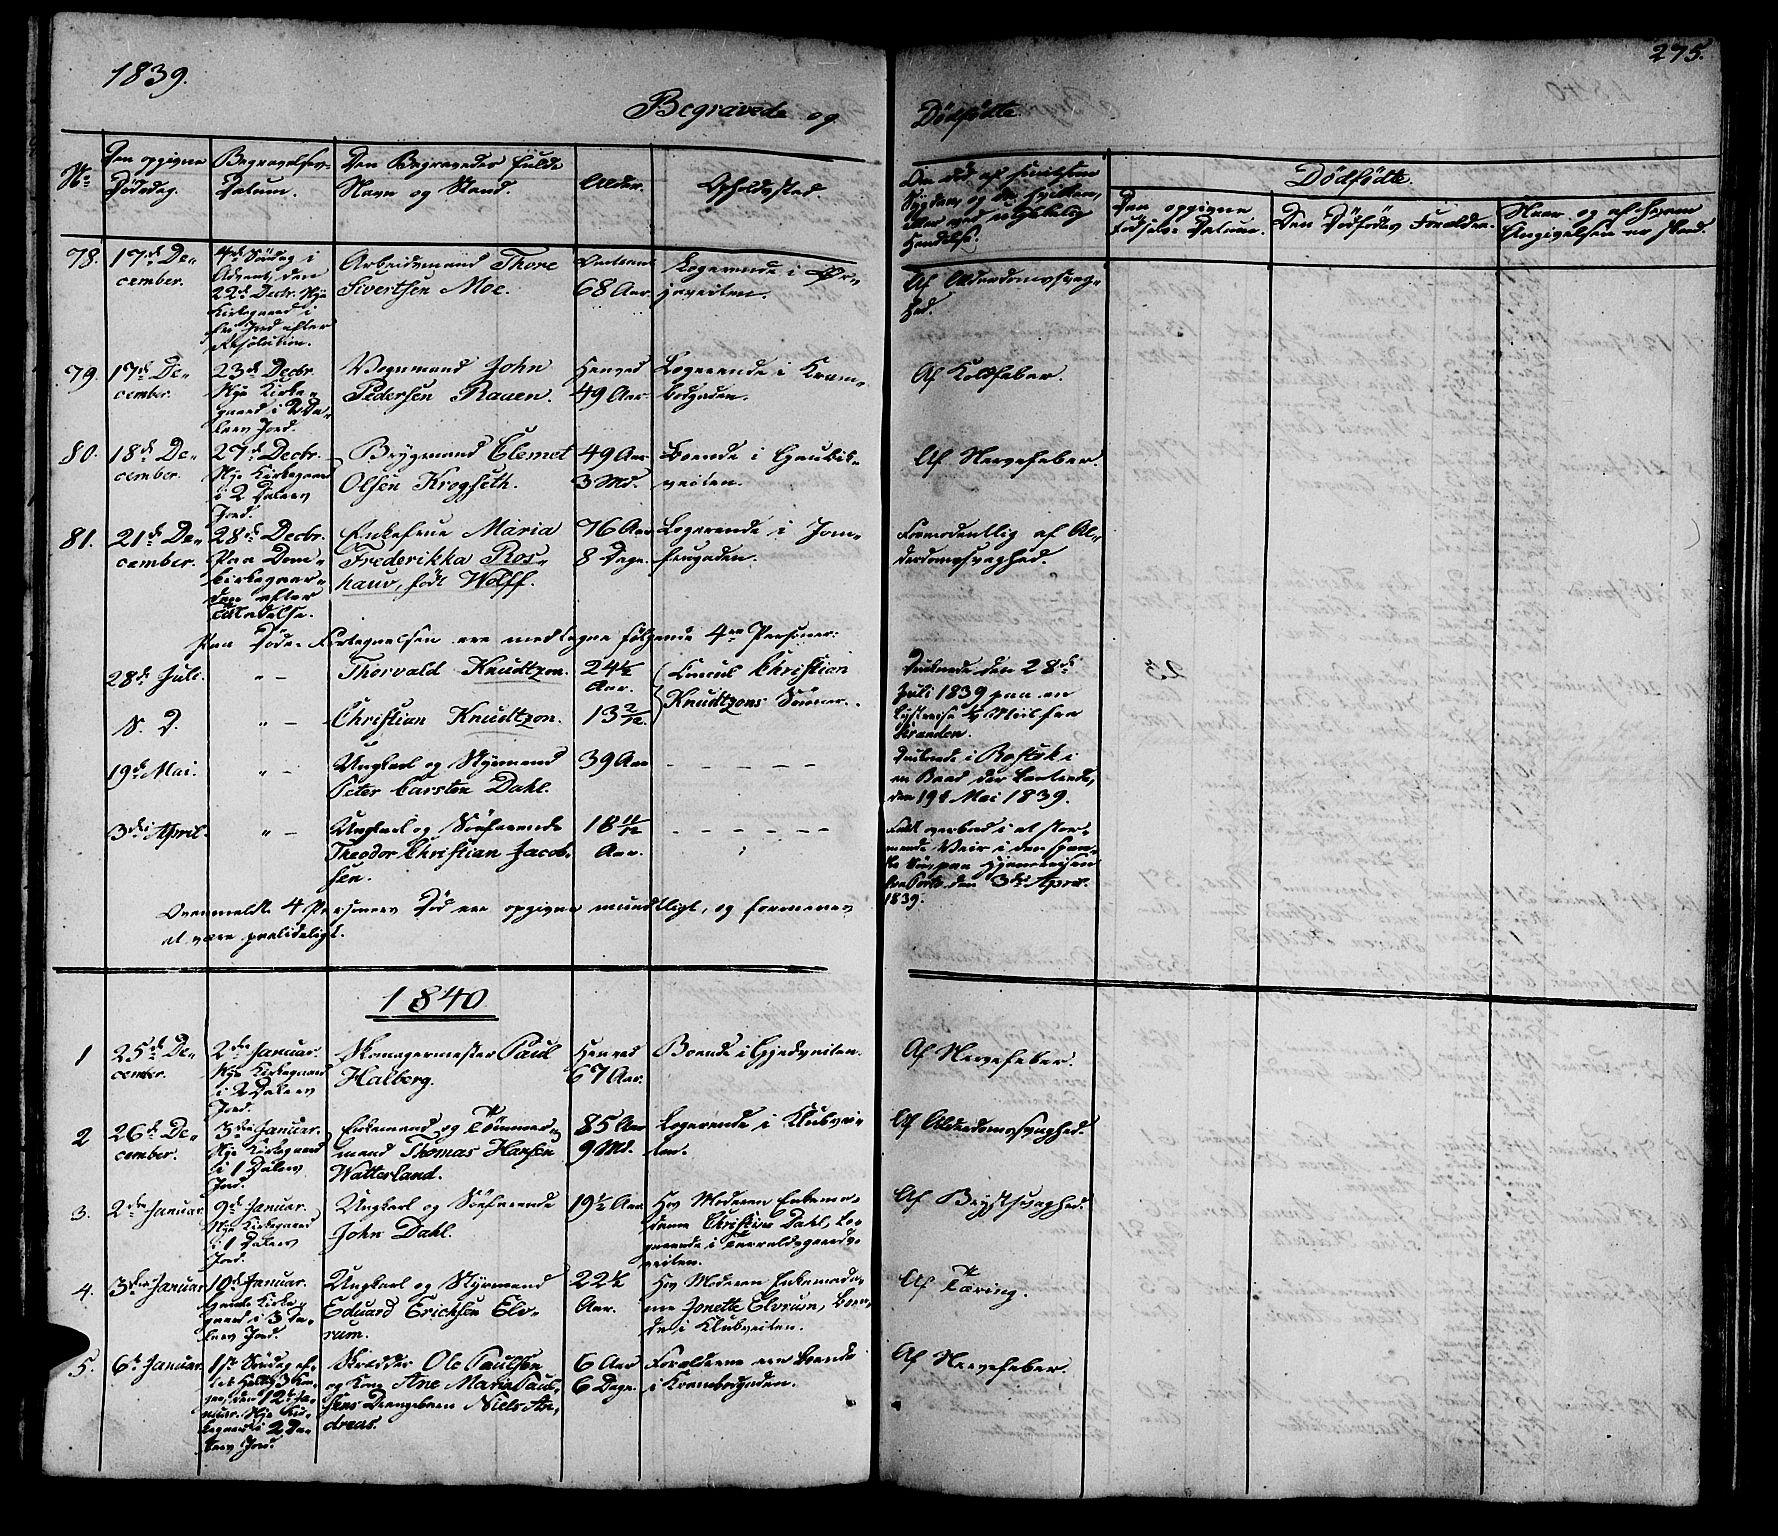 SAT, Ministerialprotokoller, klokkerbøker og fødselsregistre - Sør-Trøndelag, 602/L0136: Klokkerbok nr. 602C04, 1833-1845, s. 275